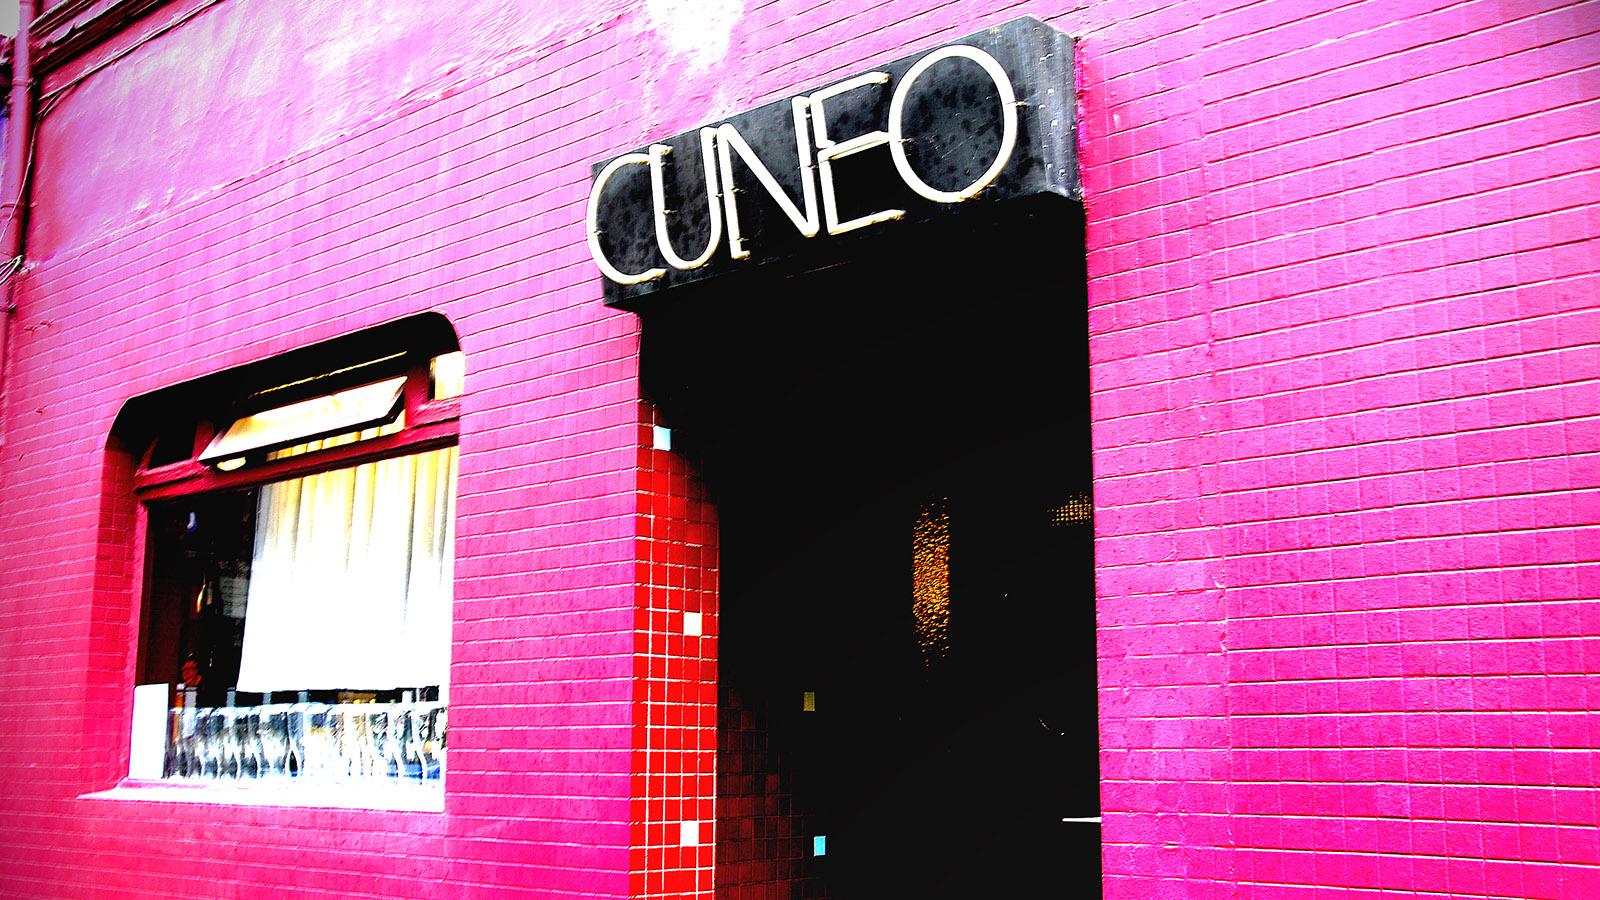 Das Cuneo in Hamburg von außen. Foto: Hilke Maunder